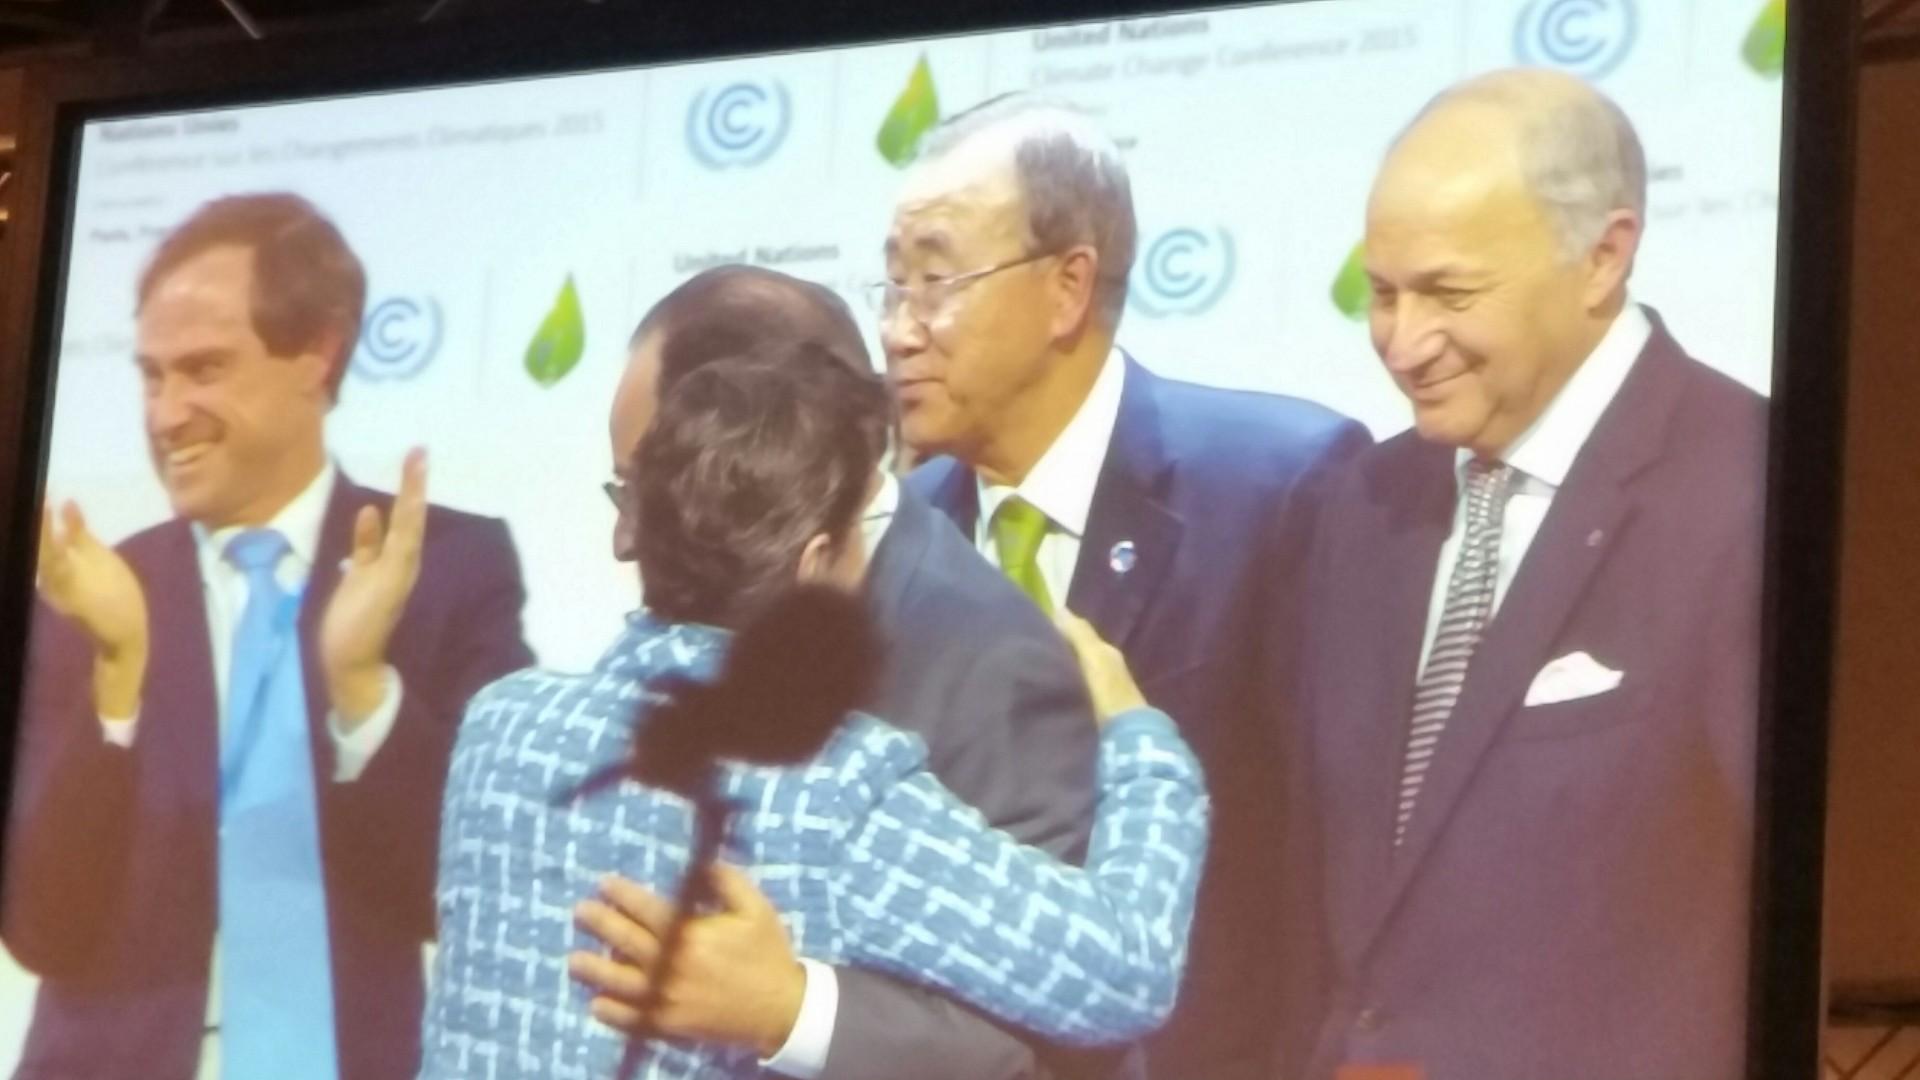 Historisk i Paris, ny klimaavtale vedtatt